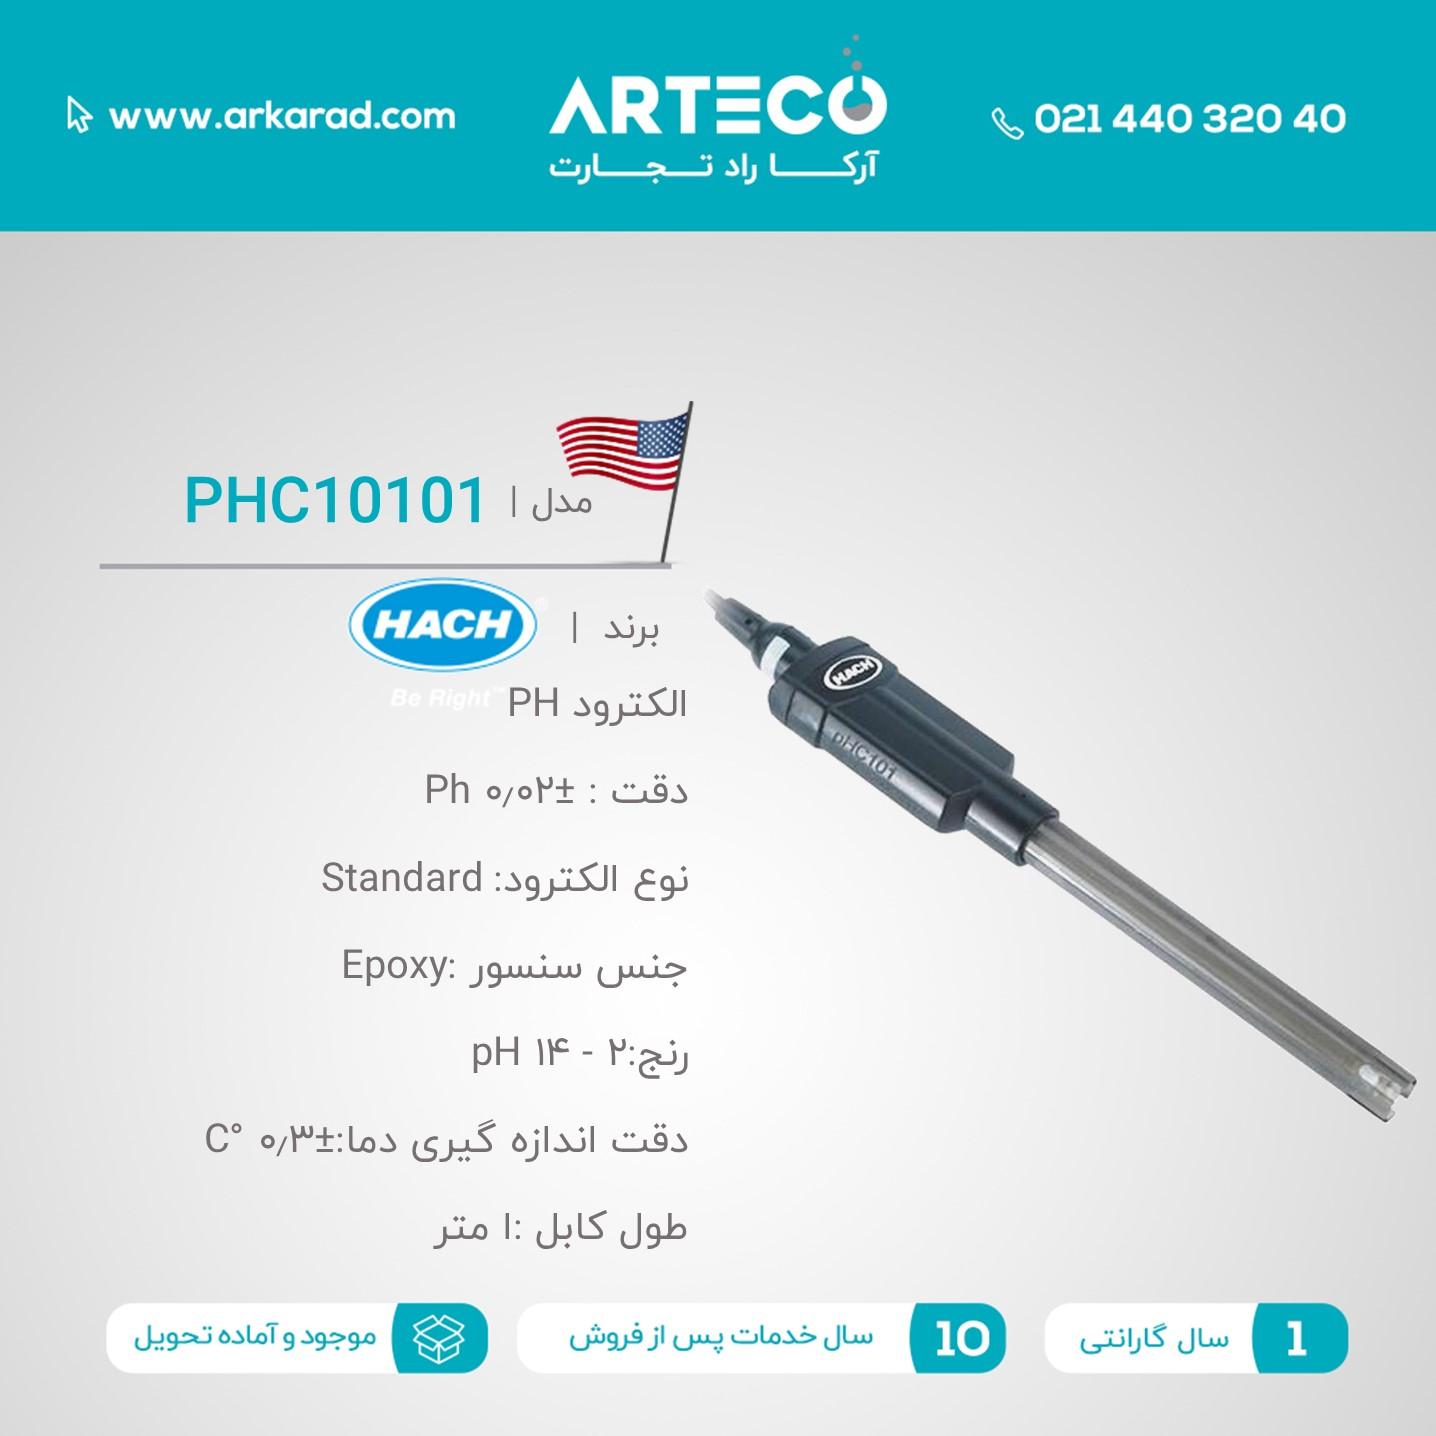 الکترود PH مدل PHC10101 کمپانی HACH آمریکا